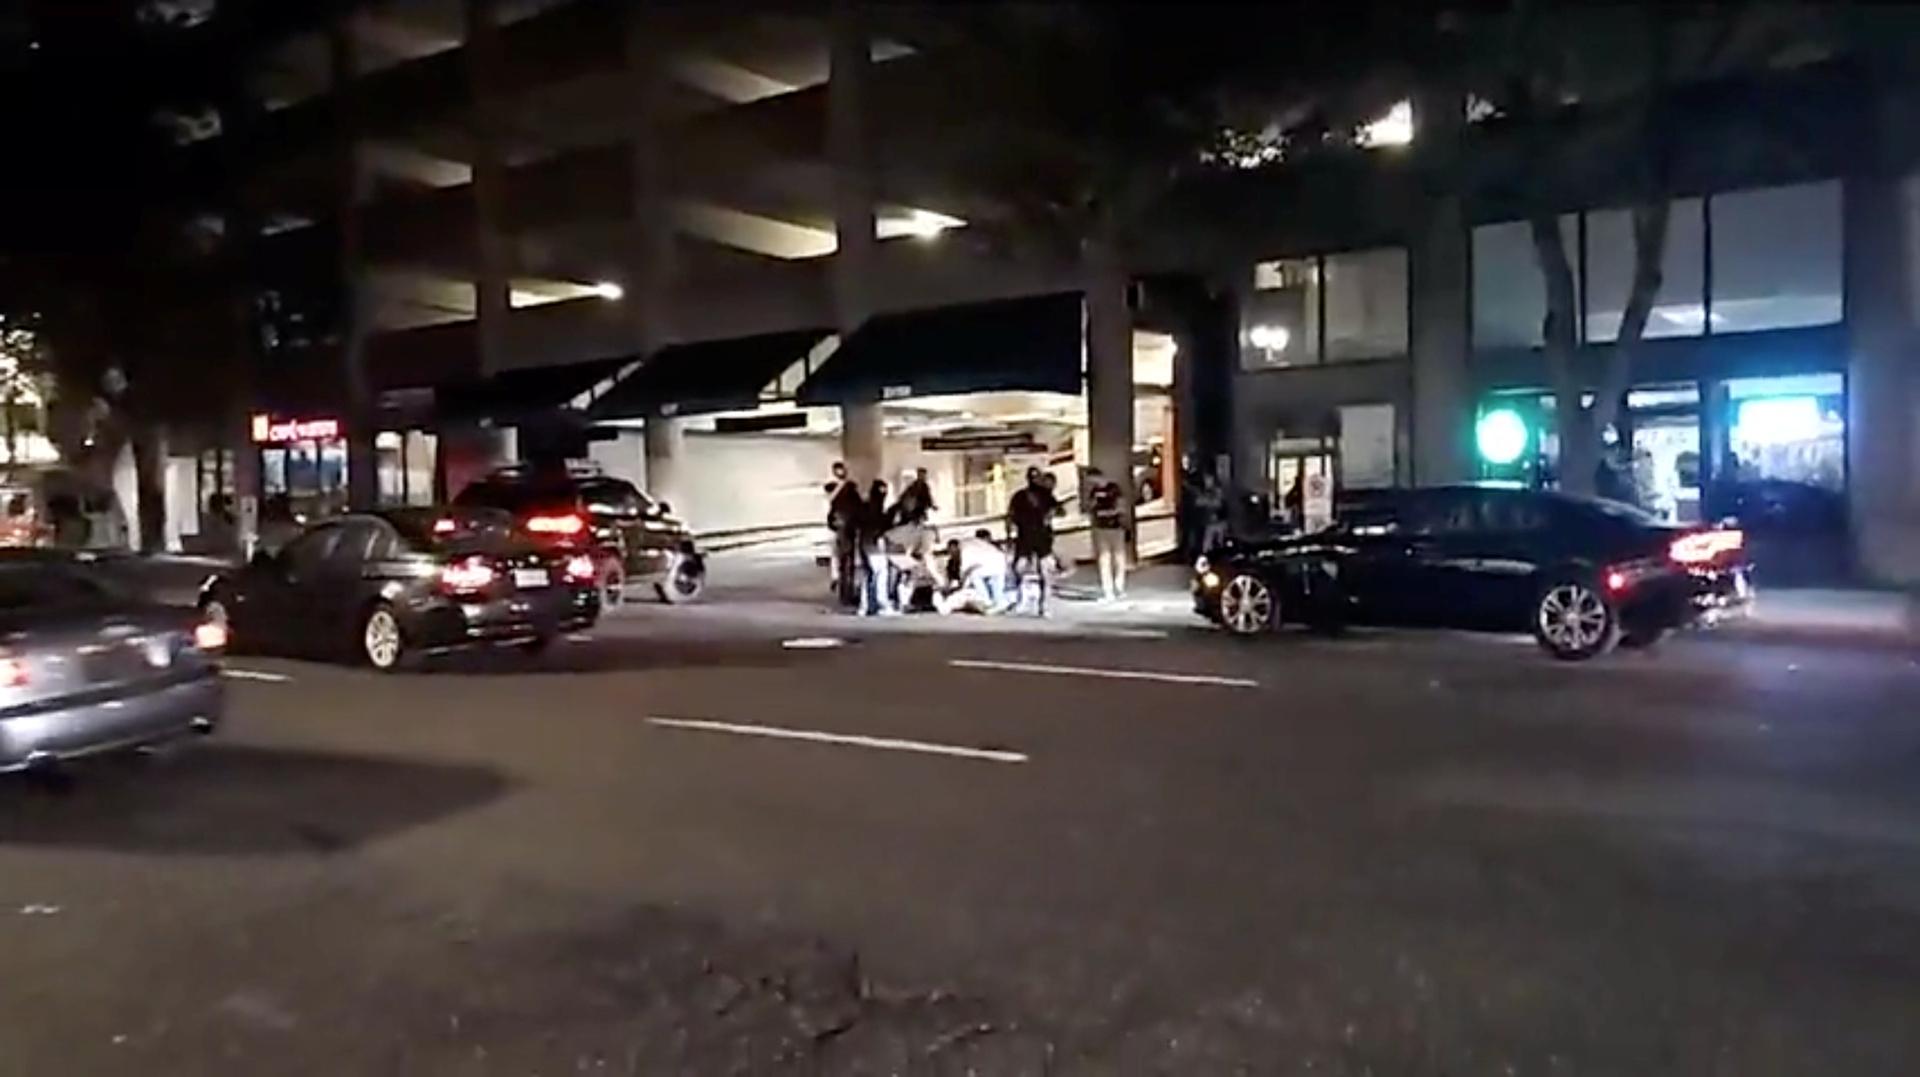 لحظة مقتل شخص جراء اشتباكات بين مناصرين لترامب ومحتجين في بورتلاند الأمريكية